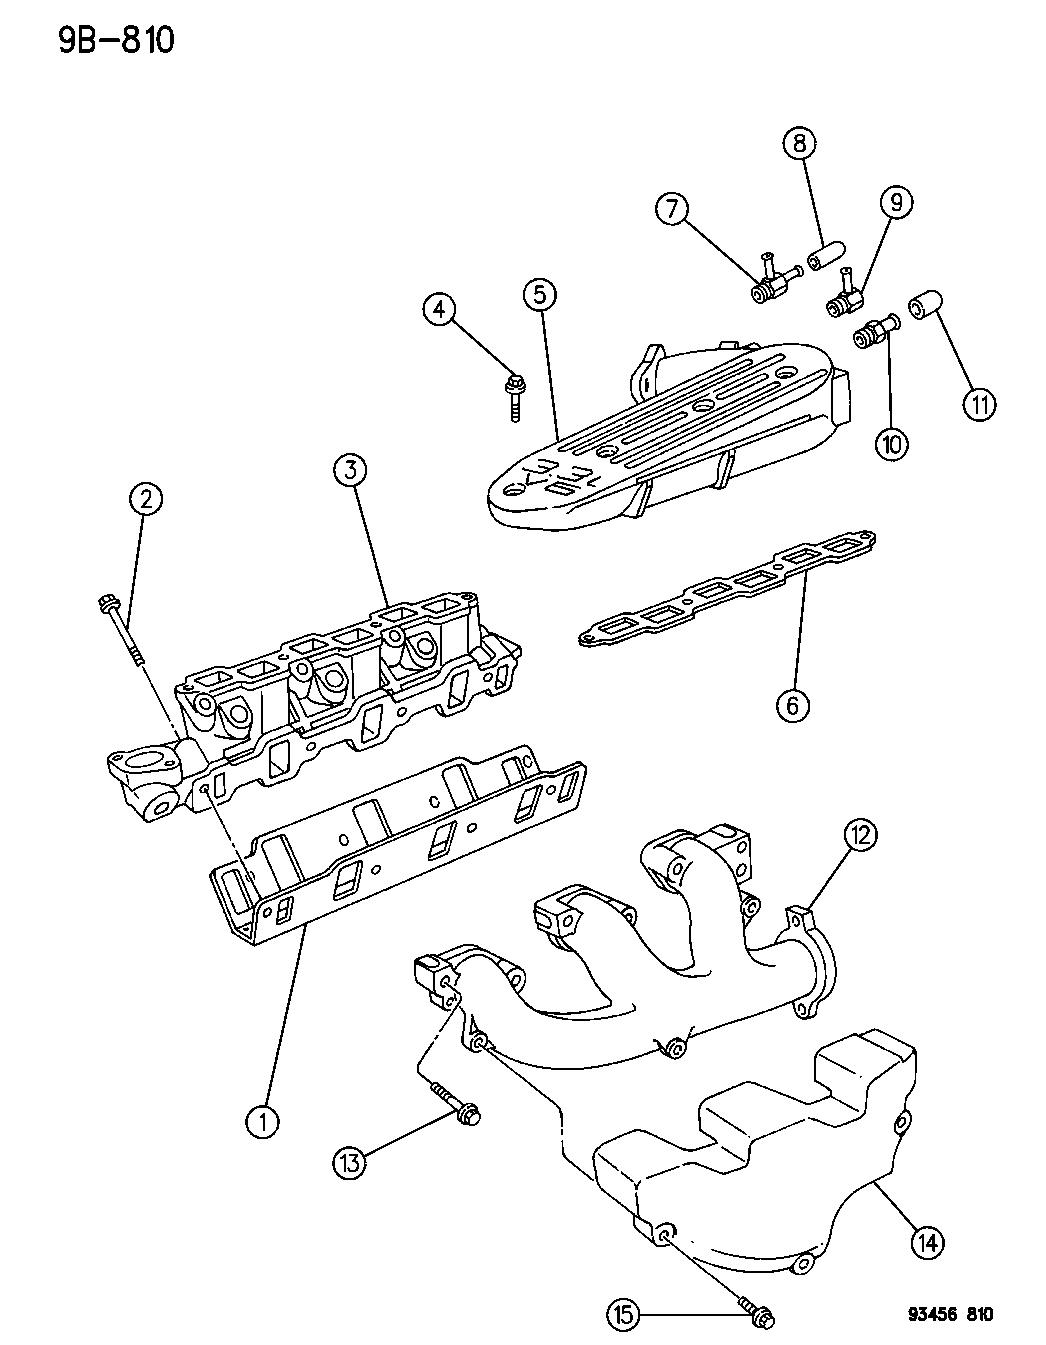 1995 Dodge Intrepid Manifold - Intake & Exhaust - Thumbnail 2